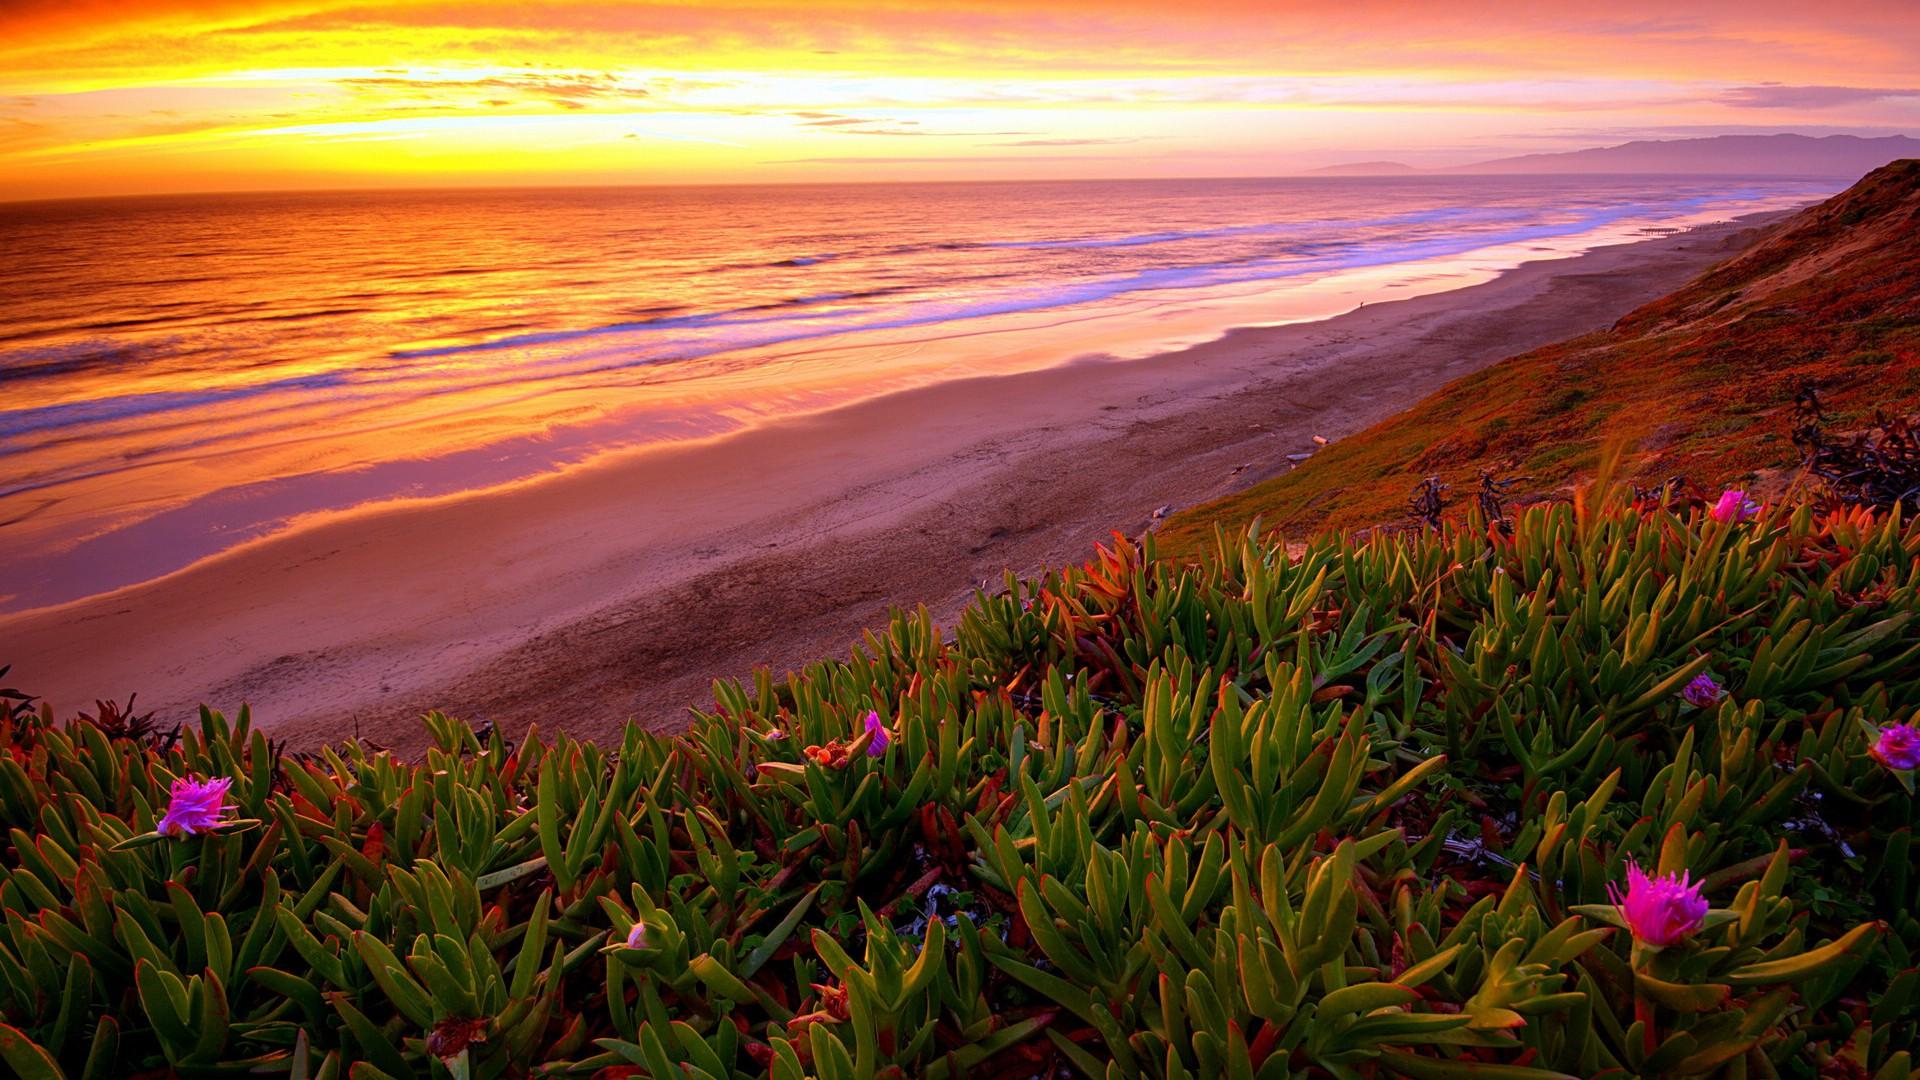 夕阳海景高清桌面壁纸